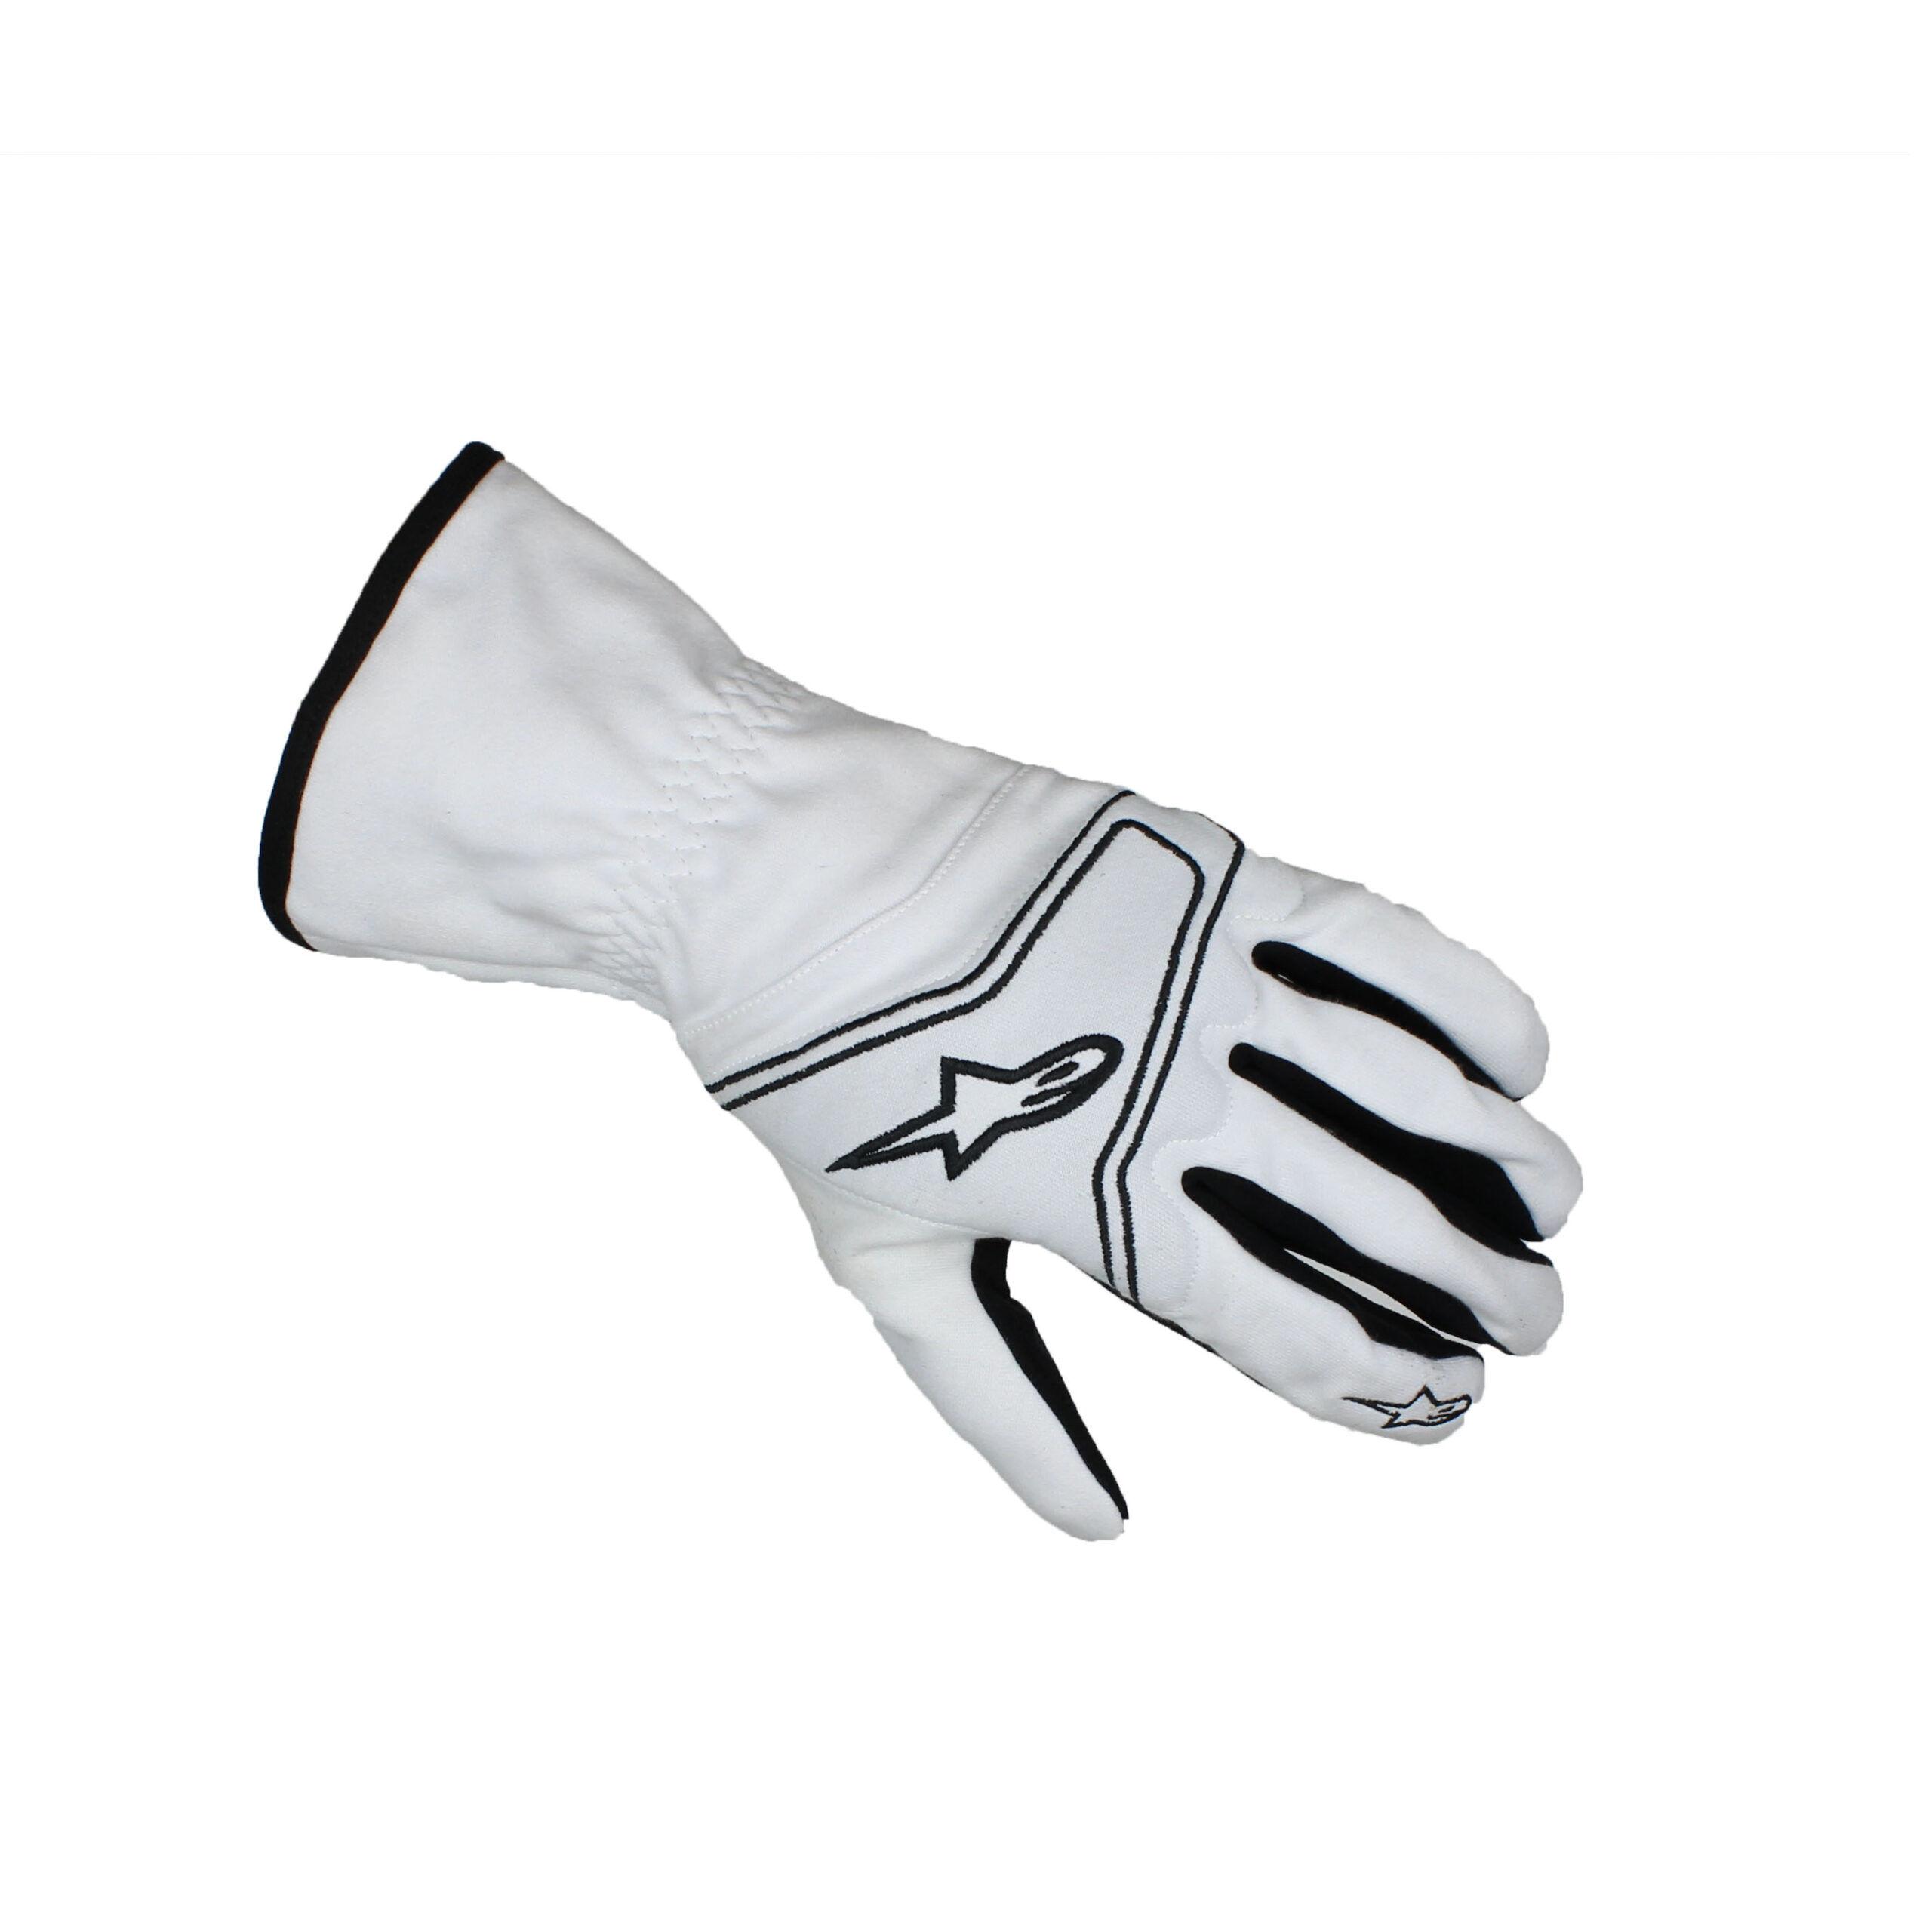 Alpinestars TECH 1-KR Karting Gloves White